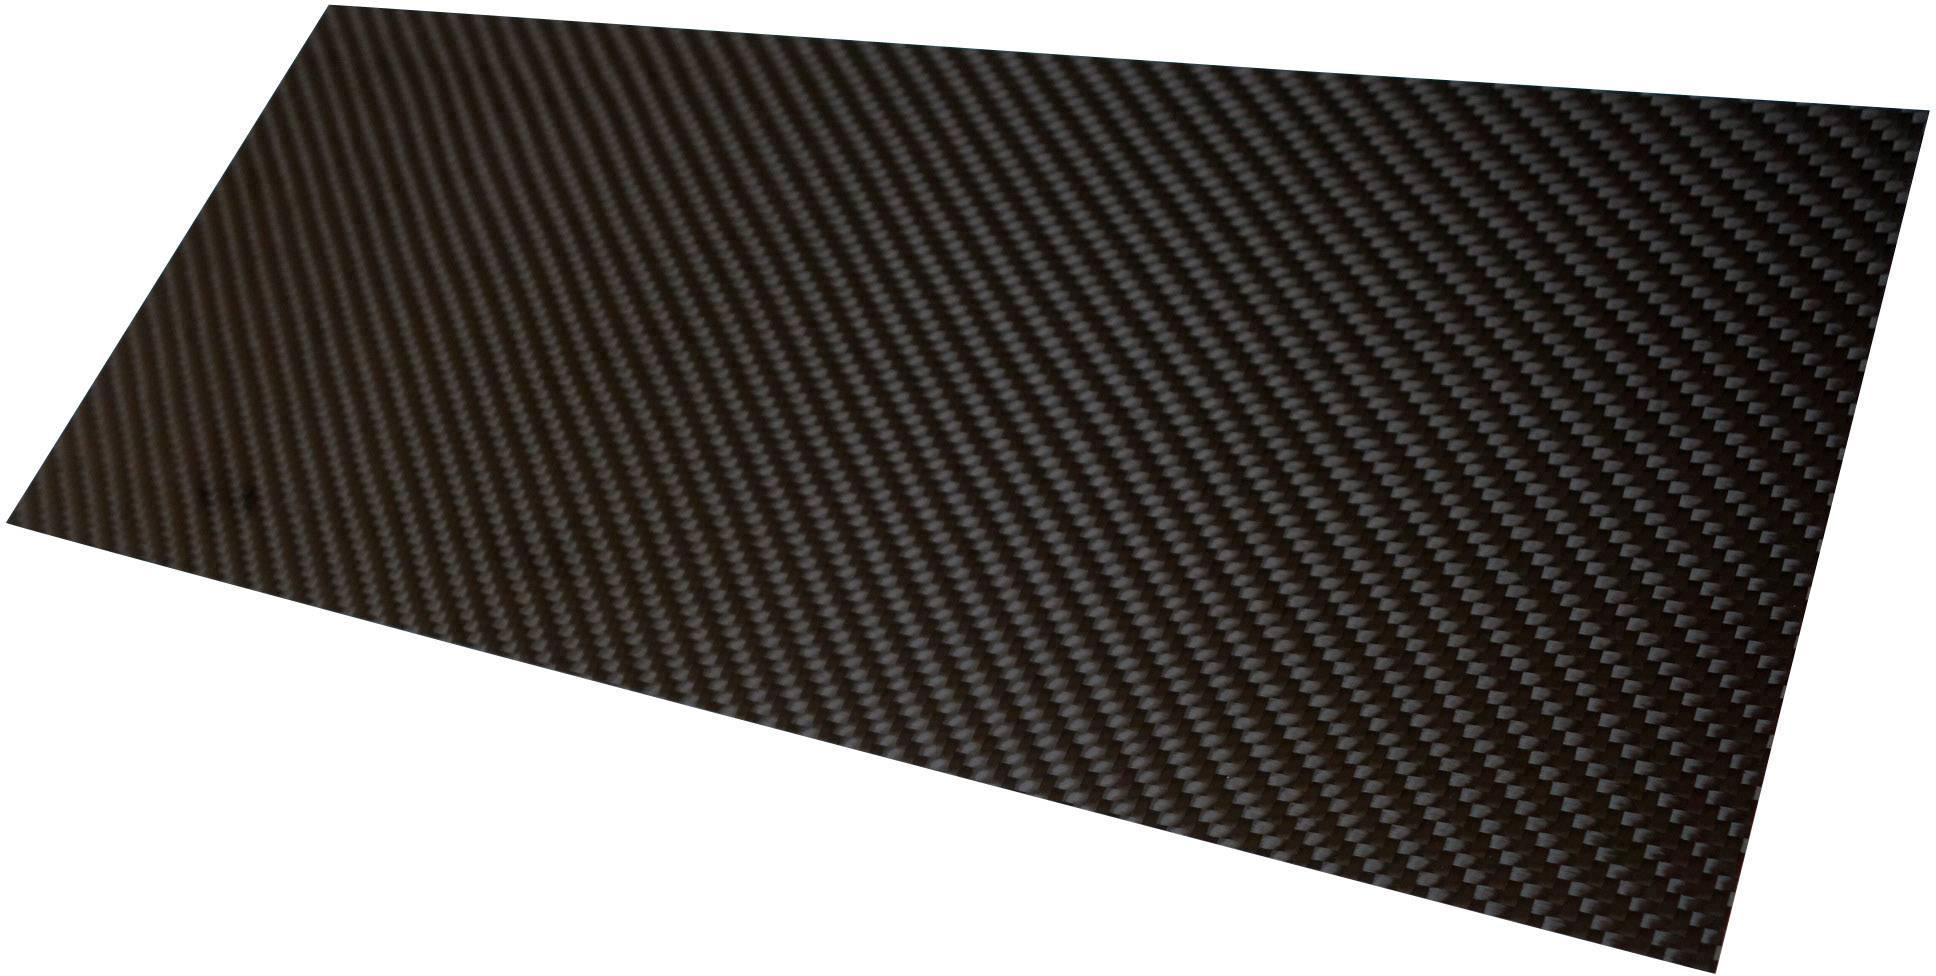 Karbonová deska Carbotec CFK-PLATTE 3MM, (d x š) 350 mm x 150 mm x 3 mm